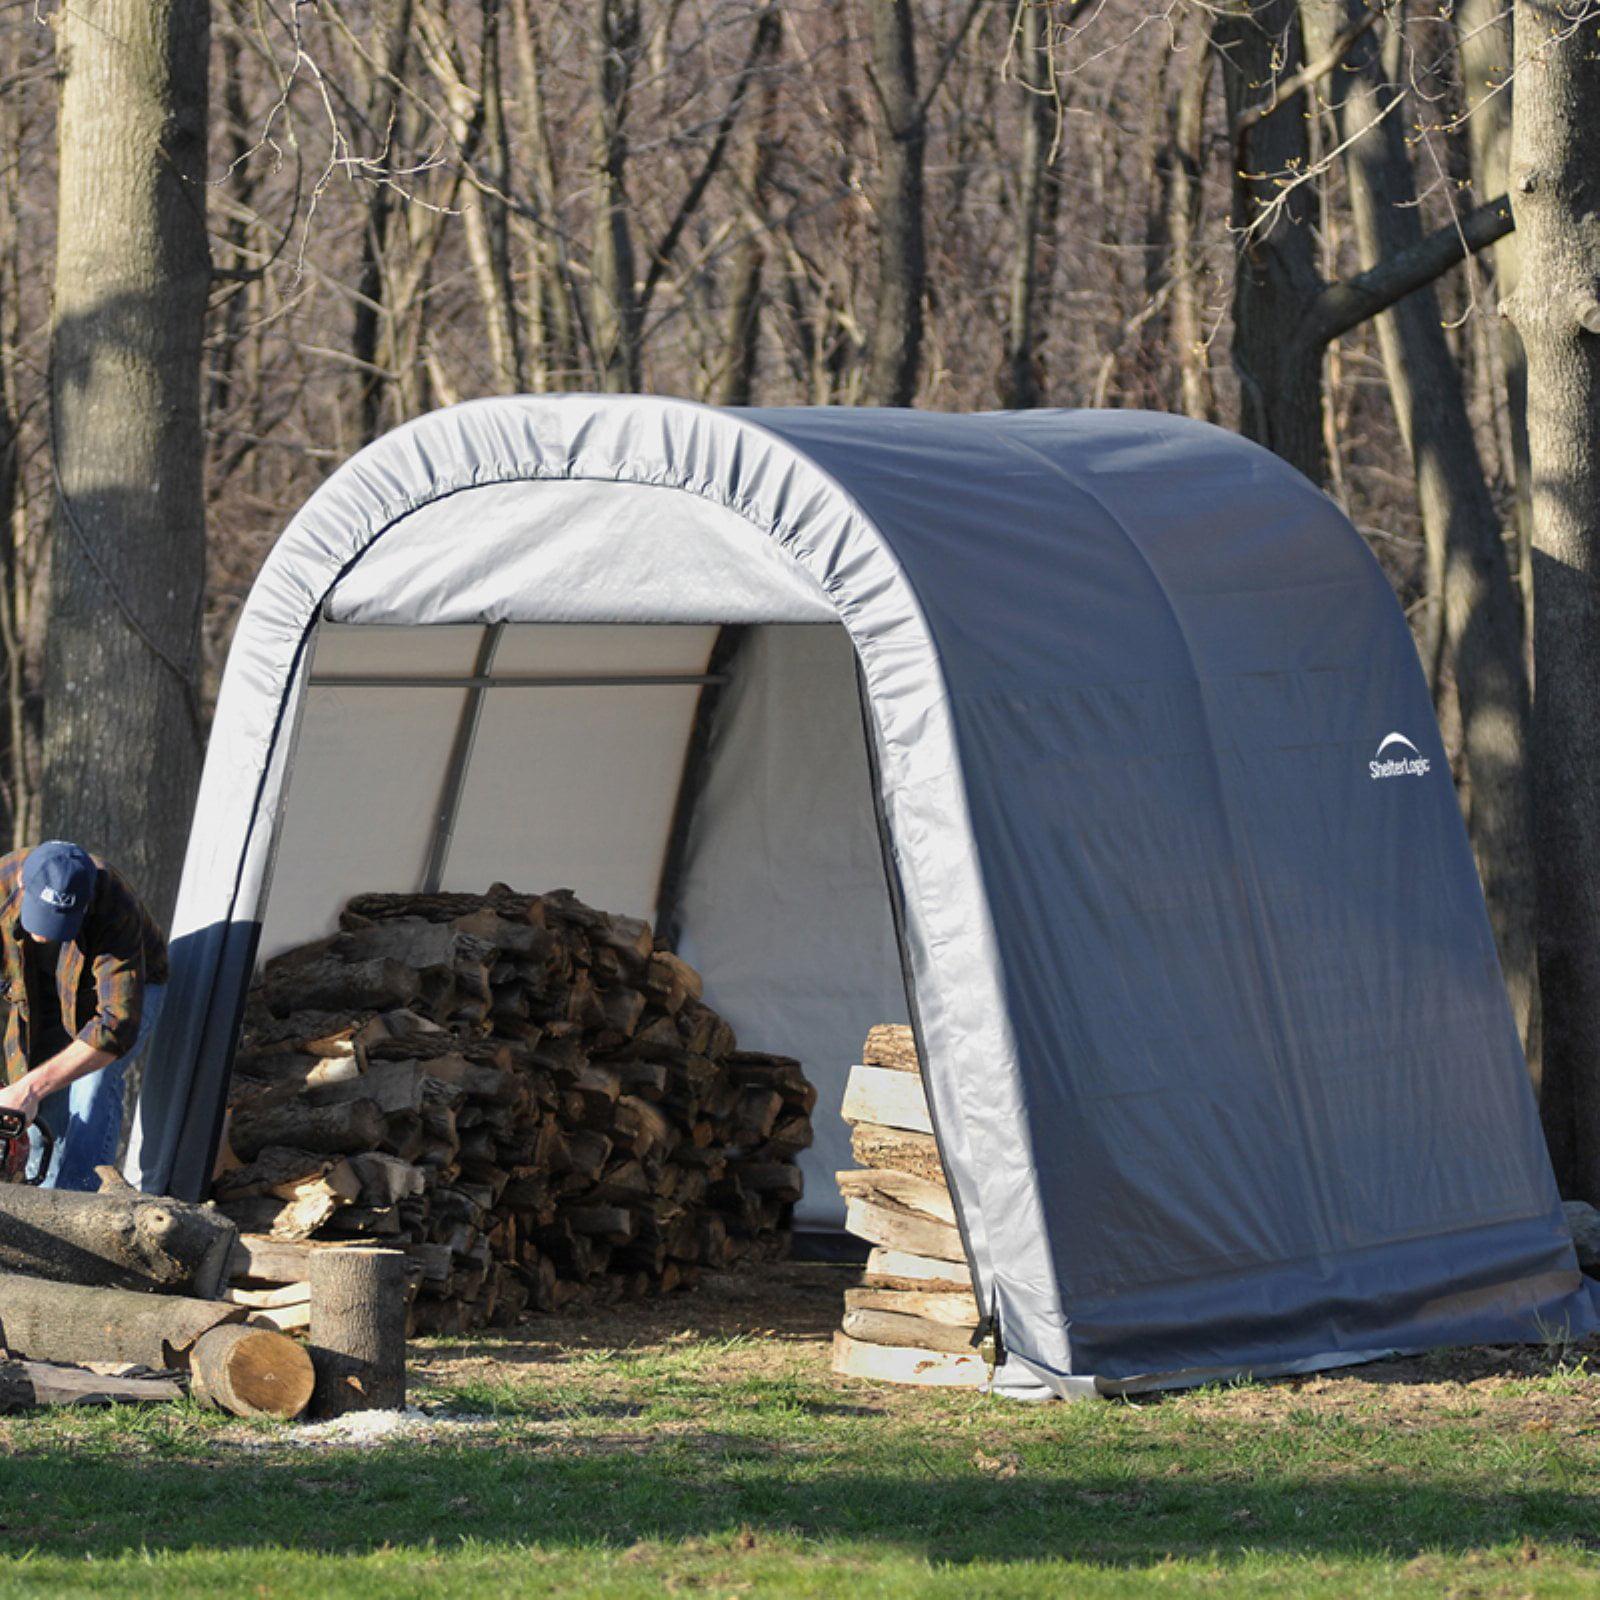 Shelterlogic 10' x 16' x 8' Round Style Shelter